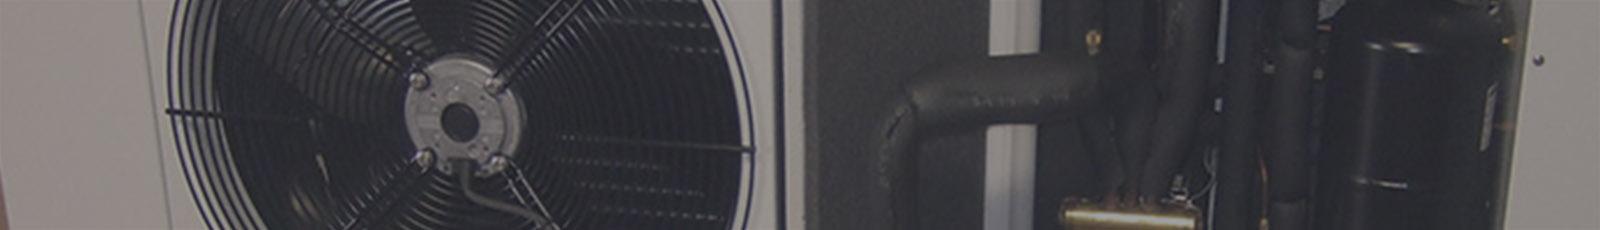 heat-pump-background